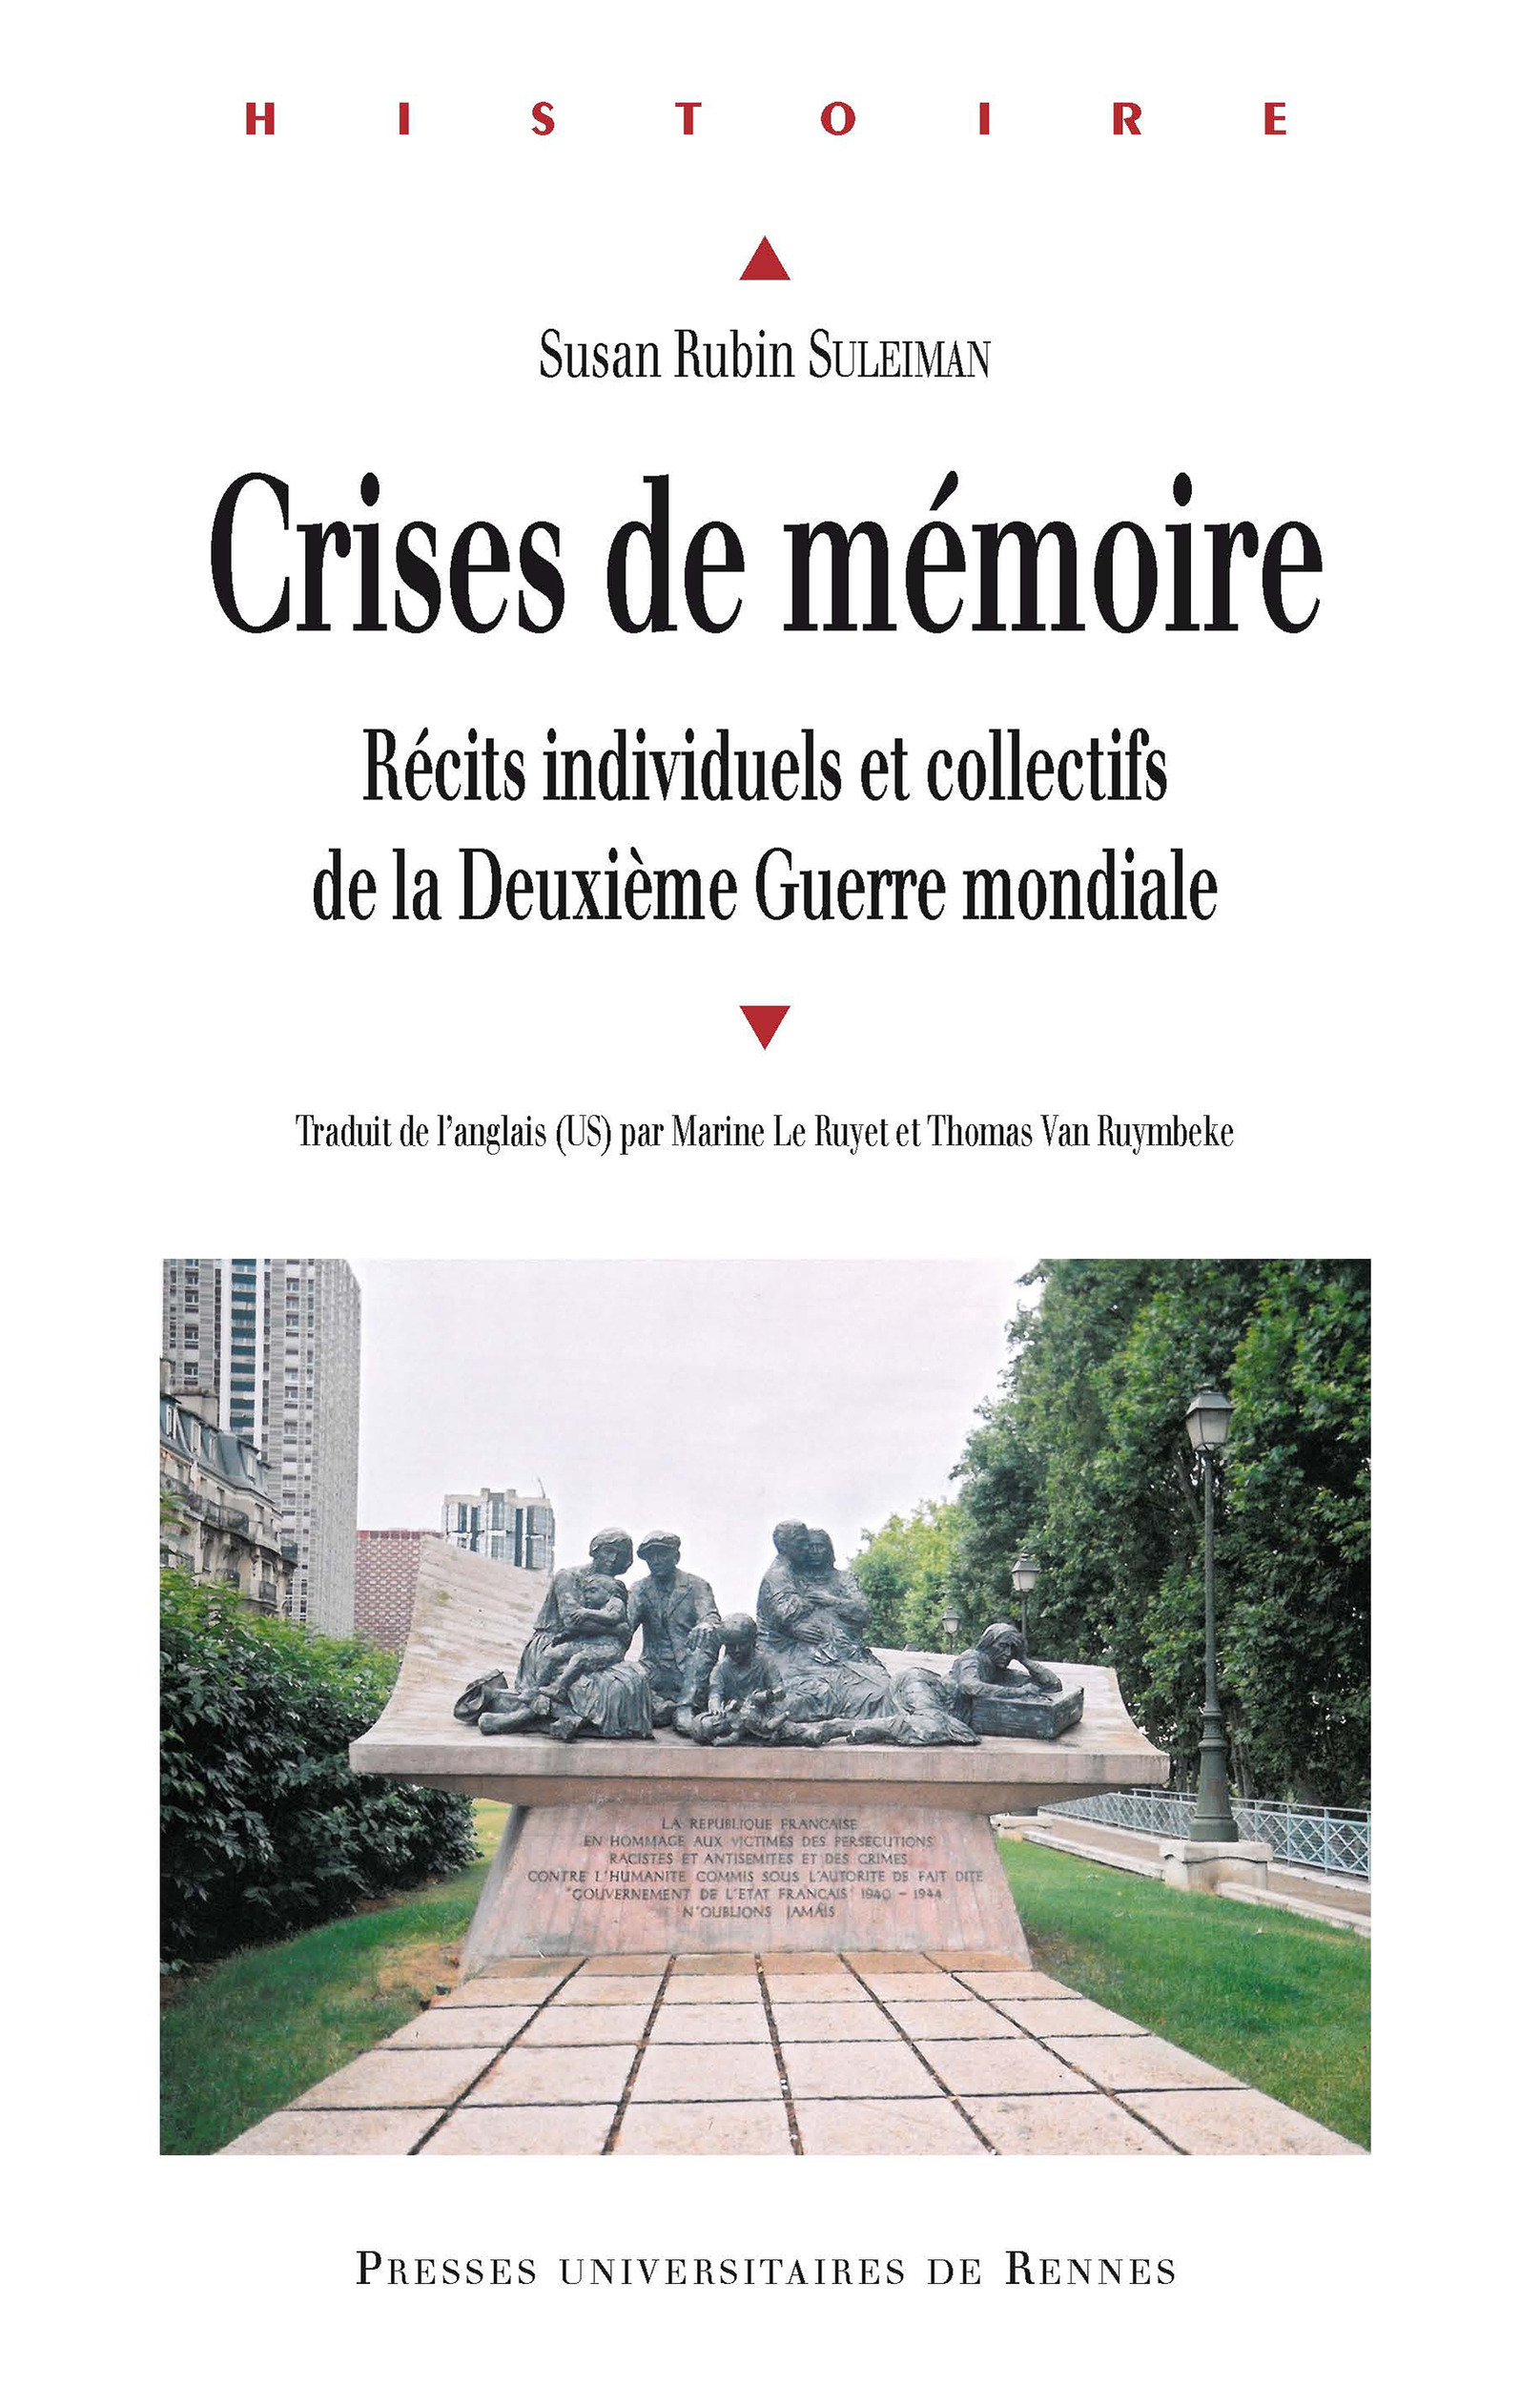 Crises de mémoire  - Susan Rubin Suleiman